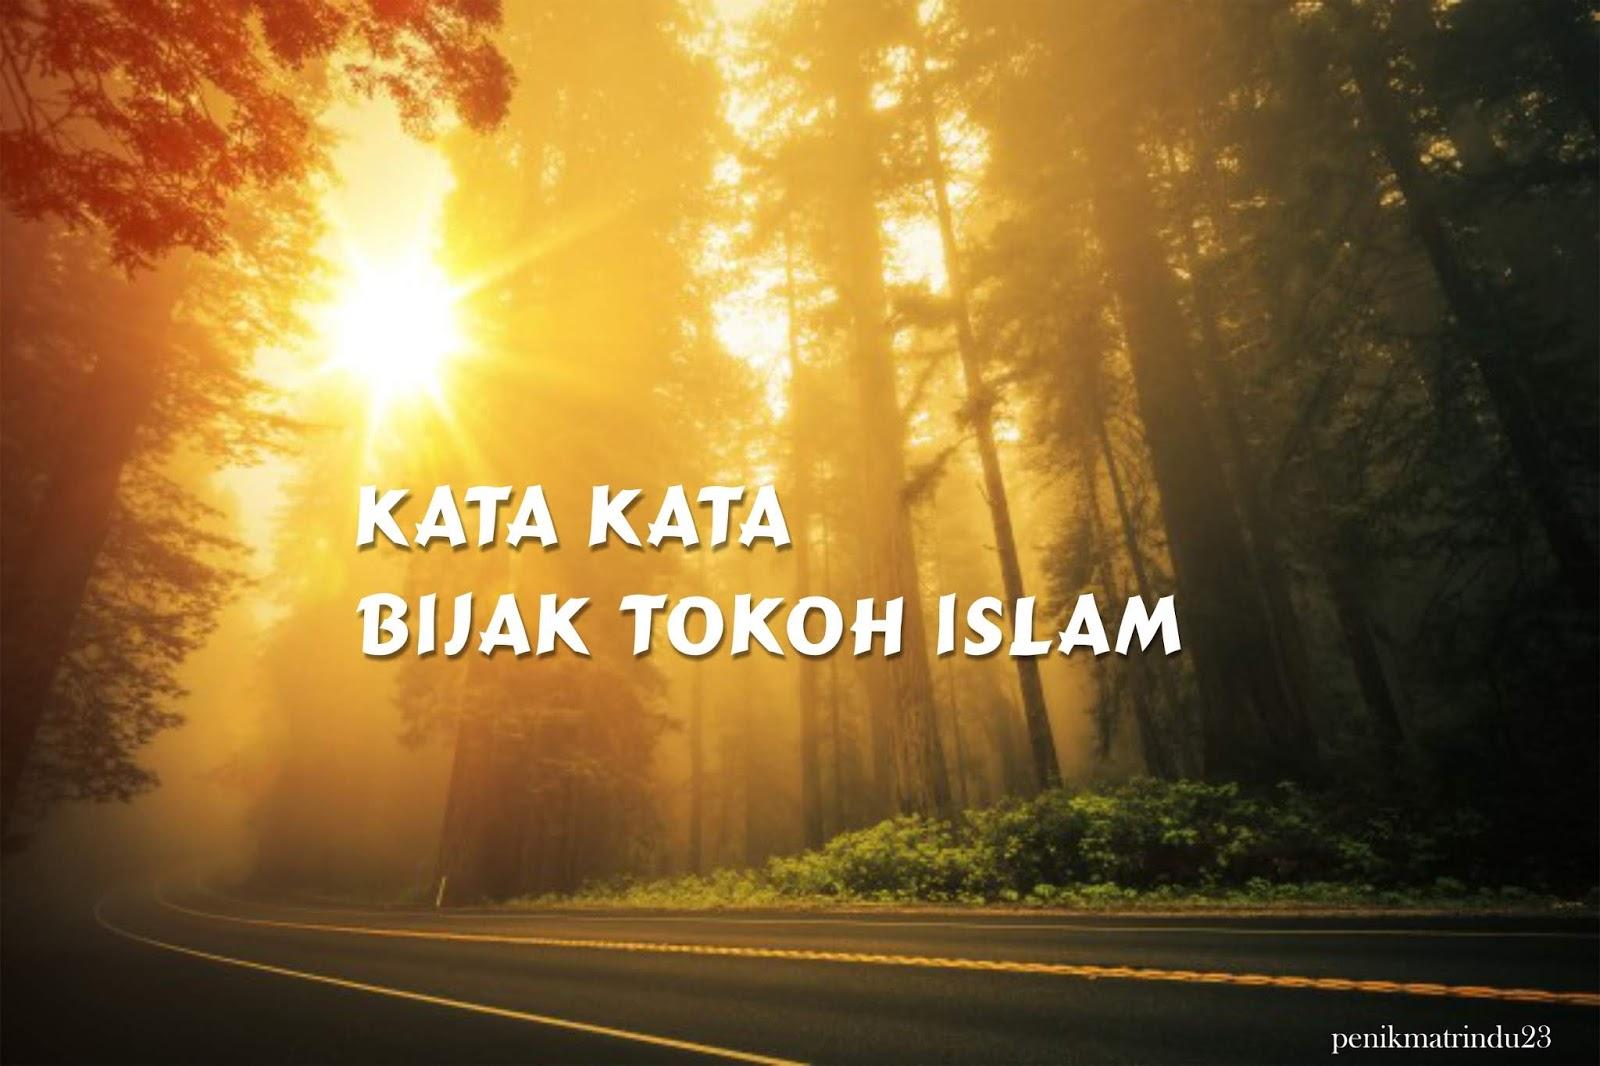 Kata Kata Bijak Tokoh Islam Penikmat Rindu